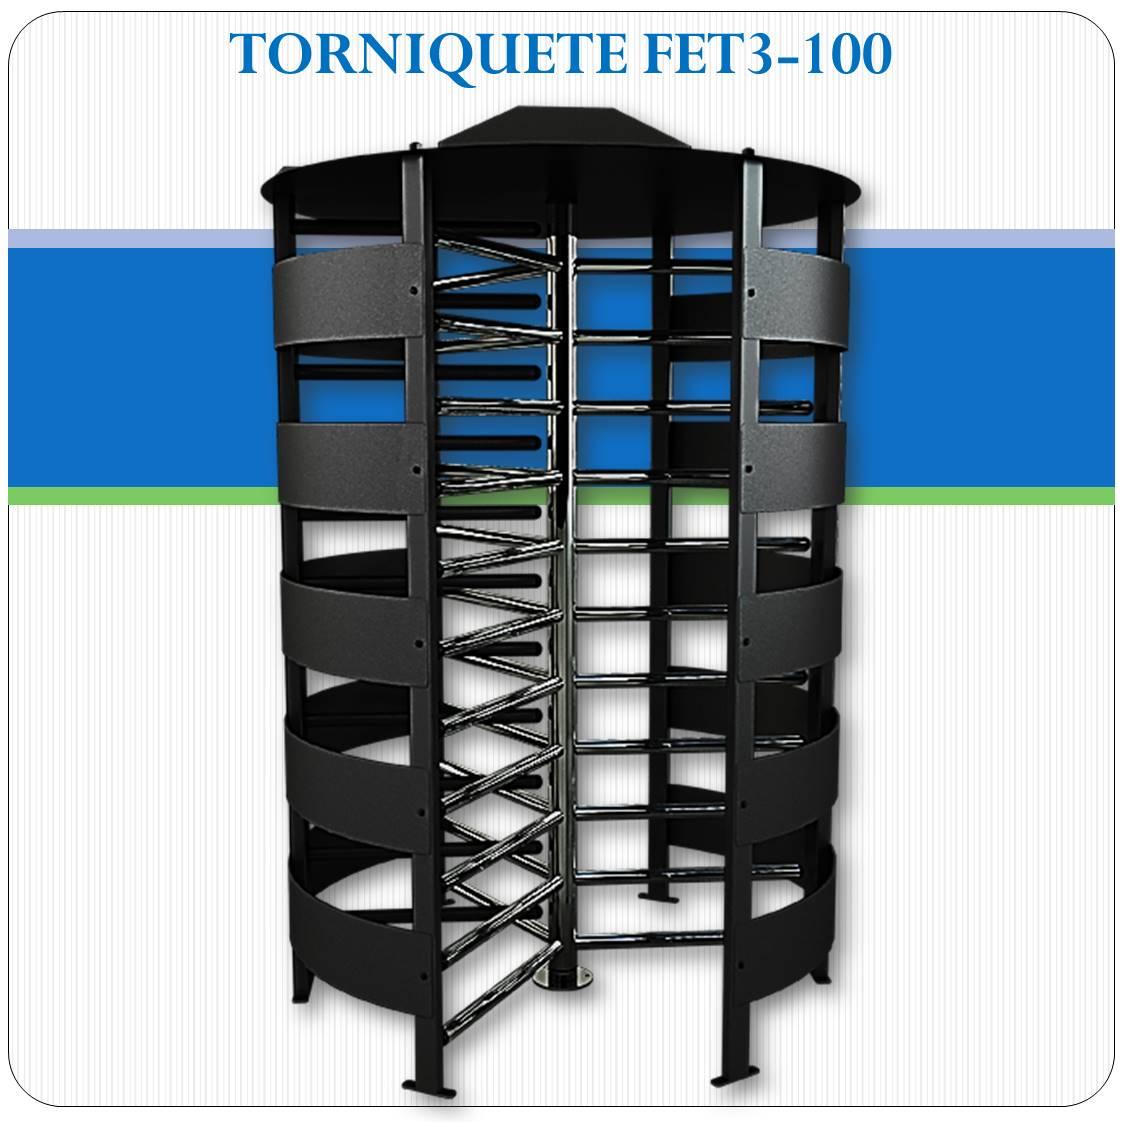 Torniquete FET3-100